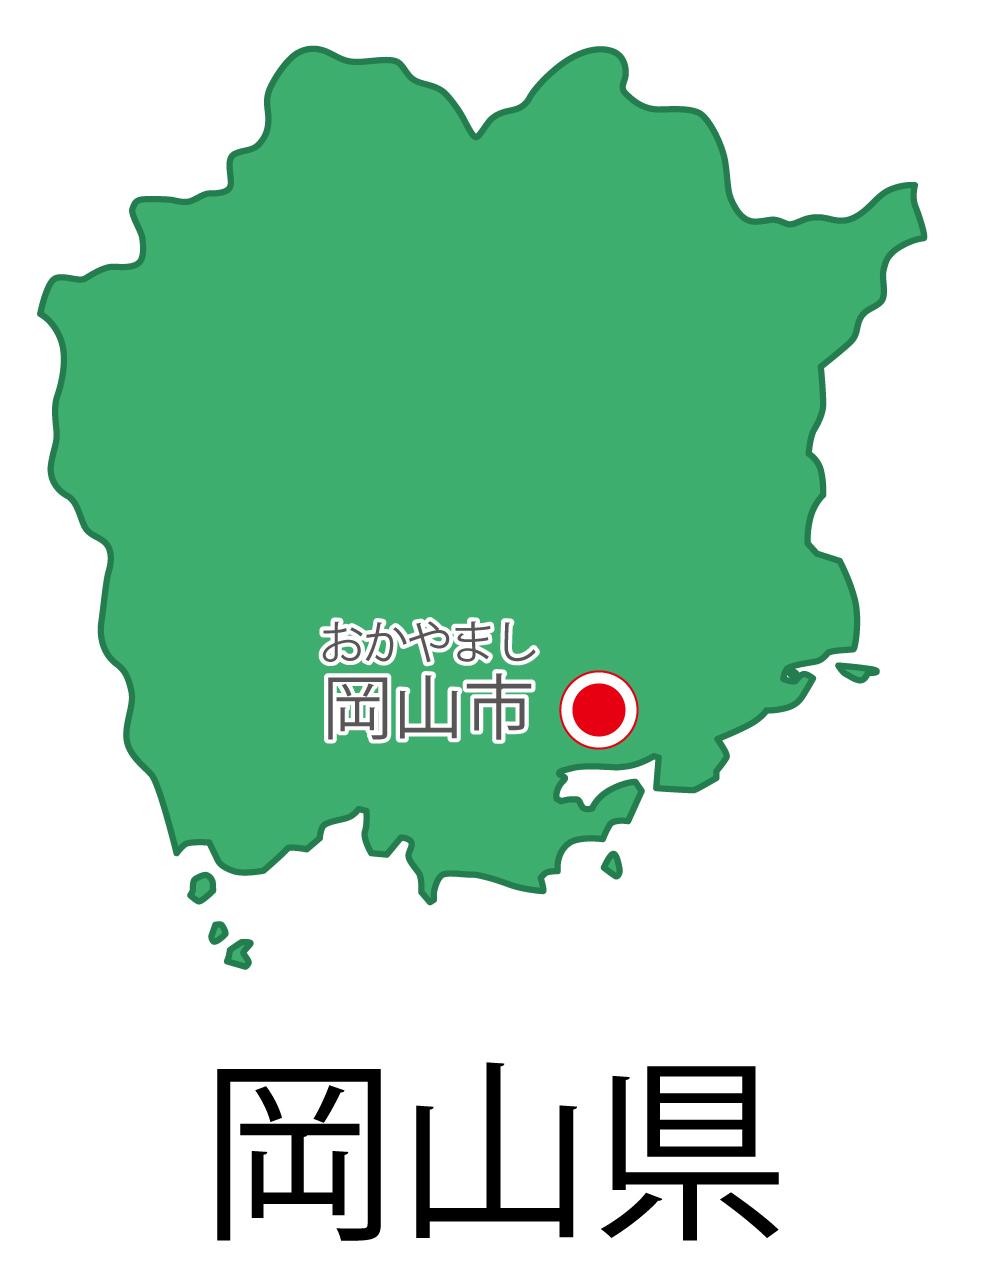 岡山県無料フリーイラスト|日本語・都道府県名あり・県庁所在地あり・ルビあり(緑)